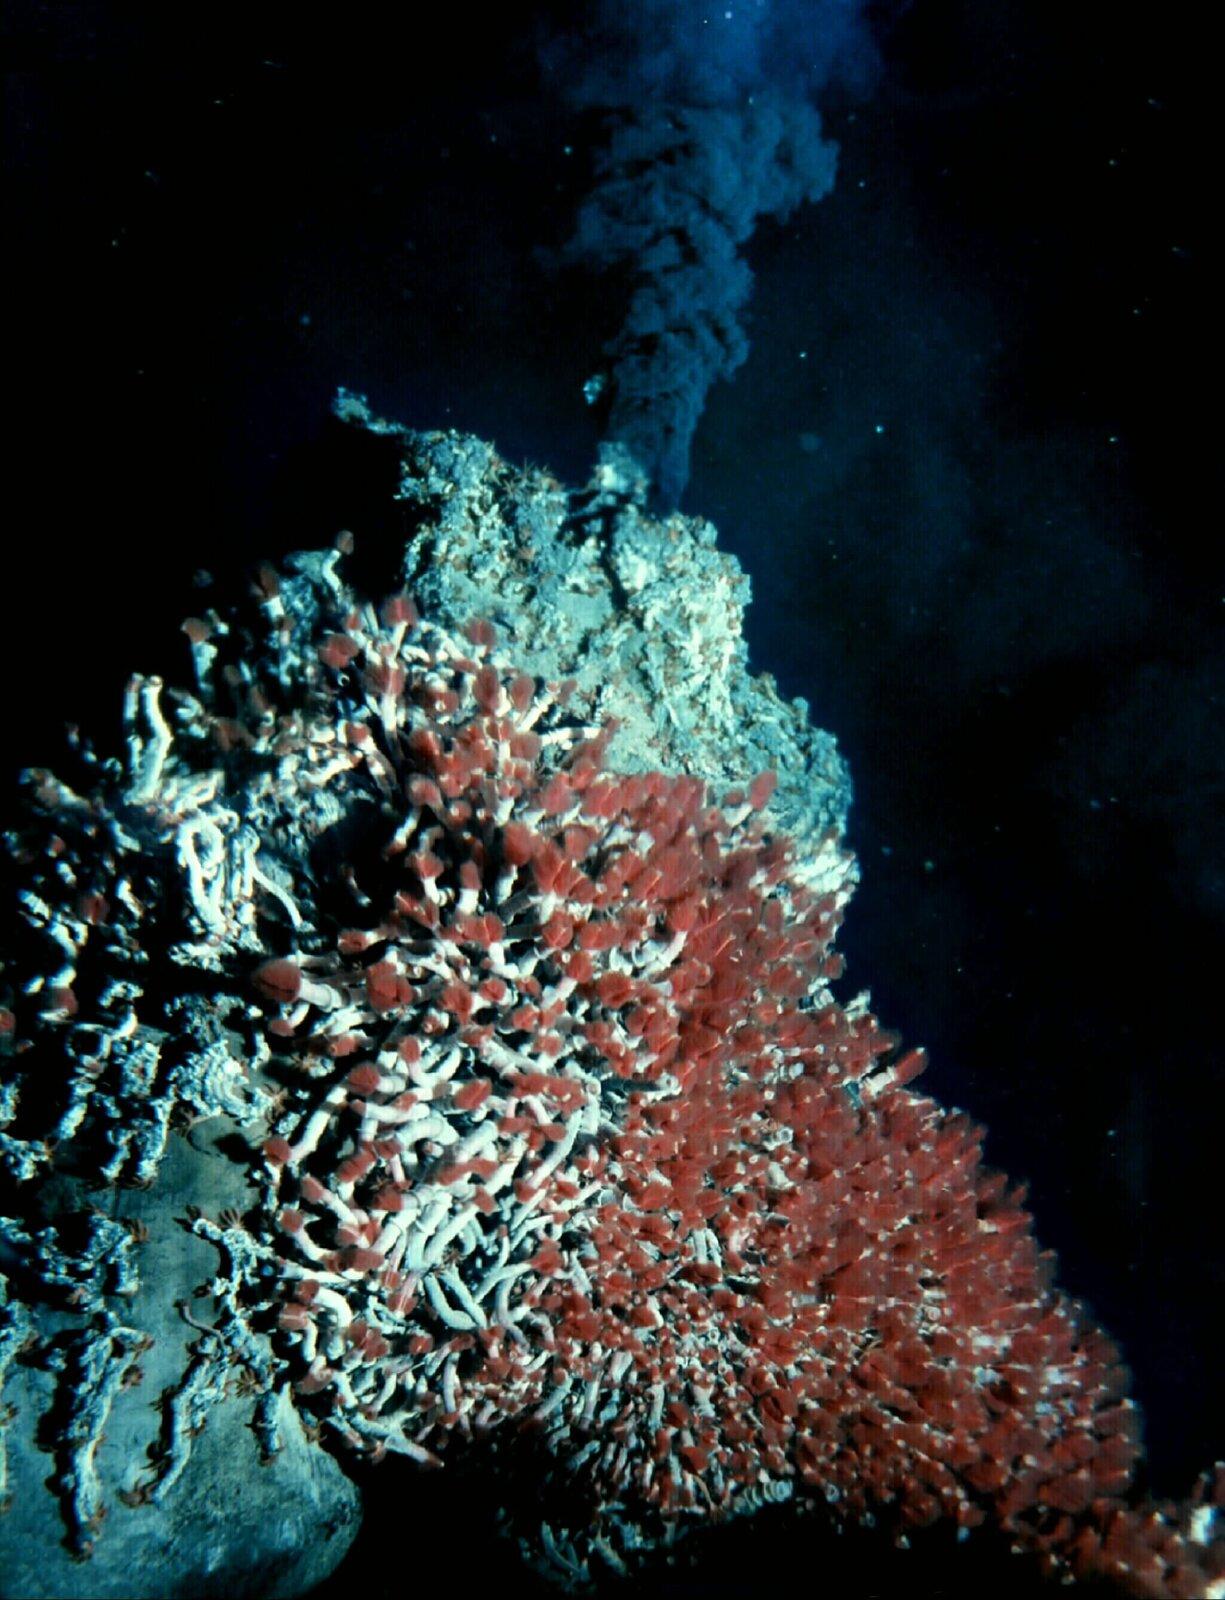 Zdjęcie przedstawia komin hydrotermalny na dnie oceanu. Na pierwszym planie niebieskawo-czerwone rurki porastające skałę. To rurkoczułkowiec na dnie Oceanu Spokojnego. Cała skała pokryta setkami czułek wkształcie rurek. Na drugim planie, za skałą, komin gorącej wody. Komin to tysiące bąbelków wypełnionych gazami, które unoszą się pionowo wgórę pod wysokim ciśnieniem.